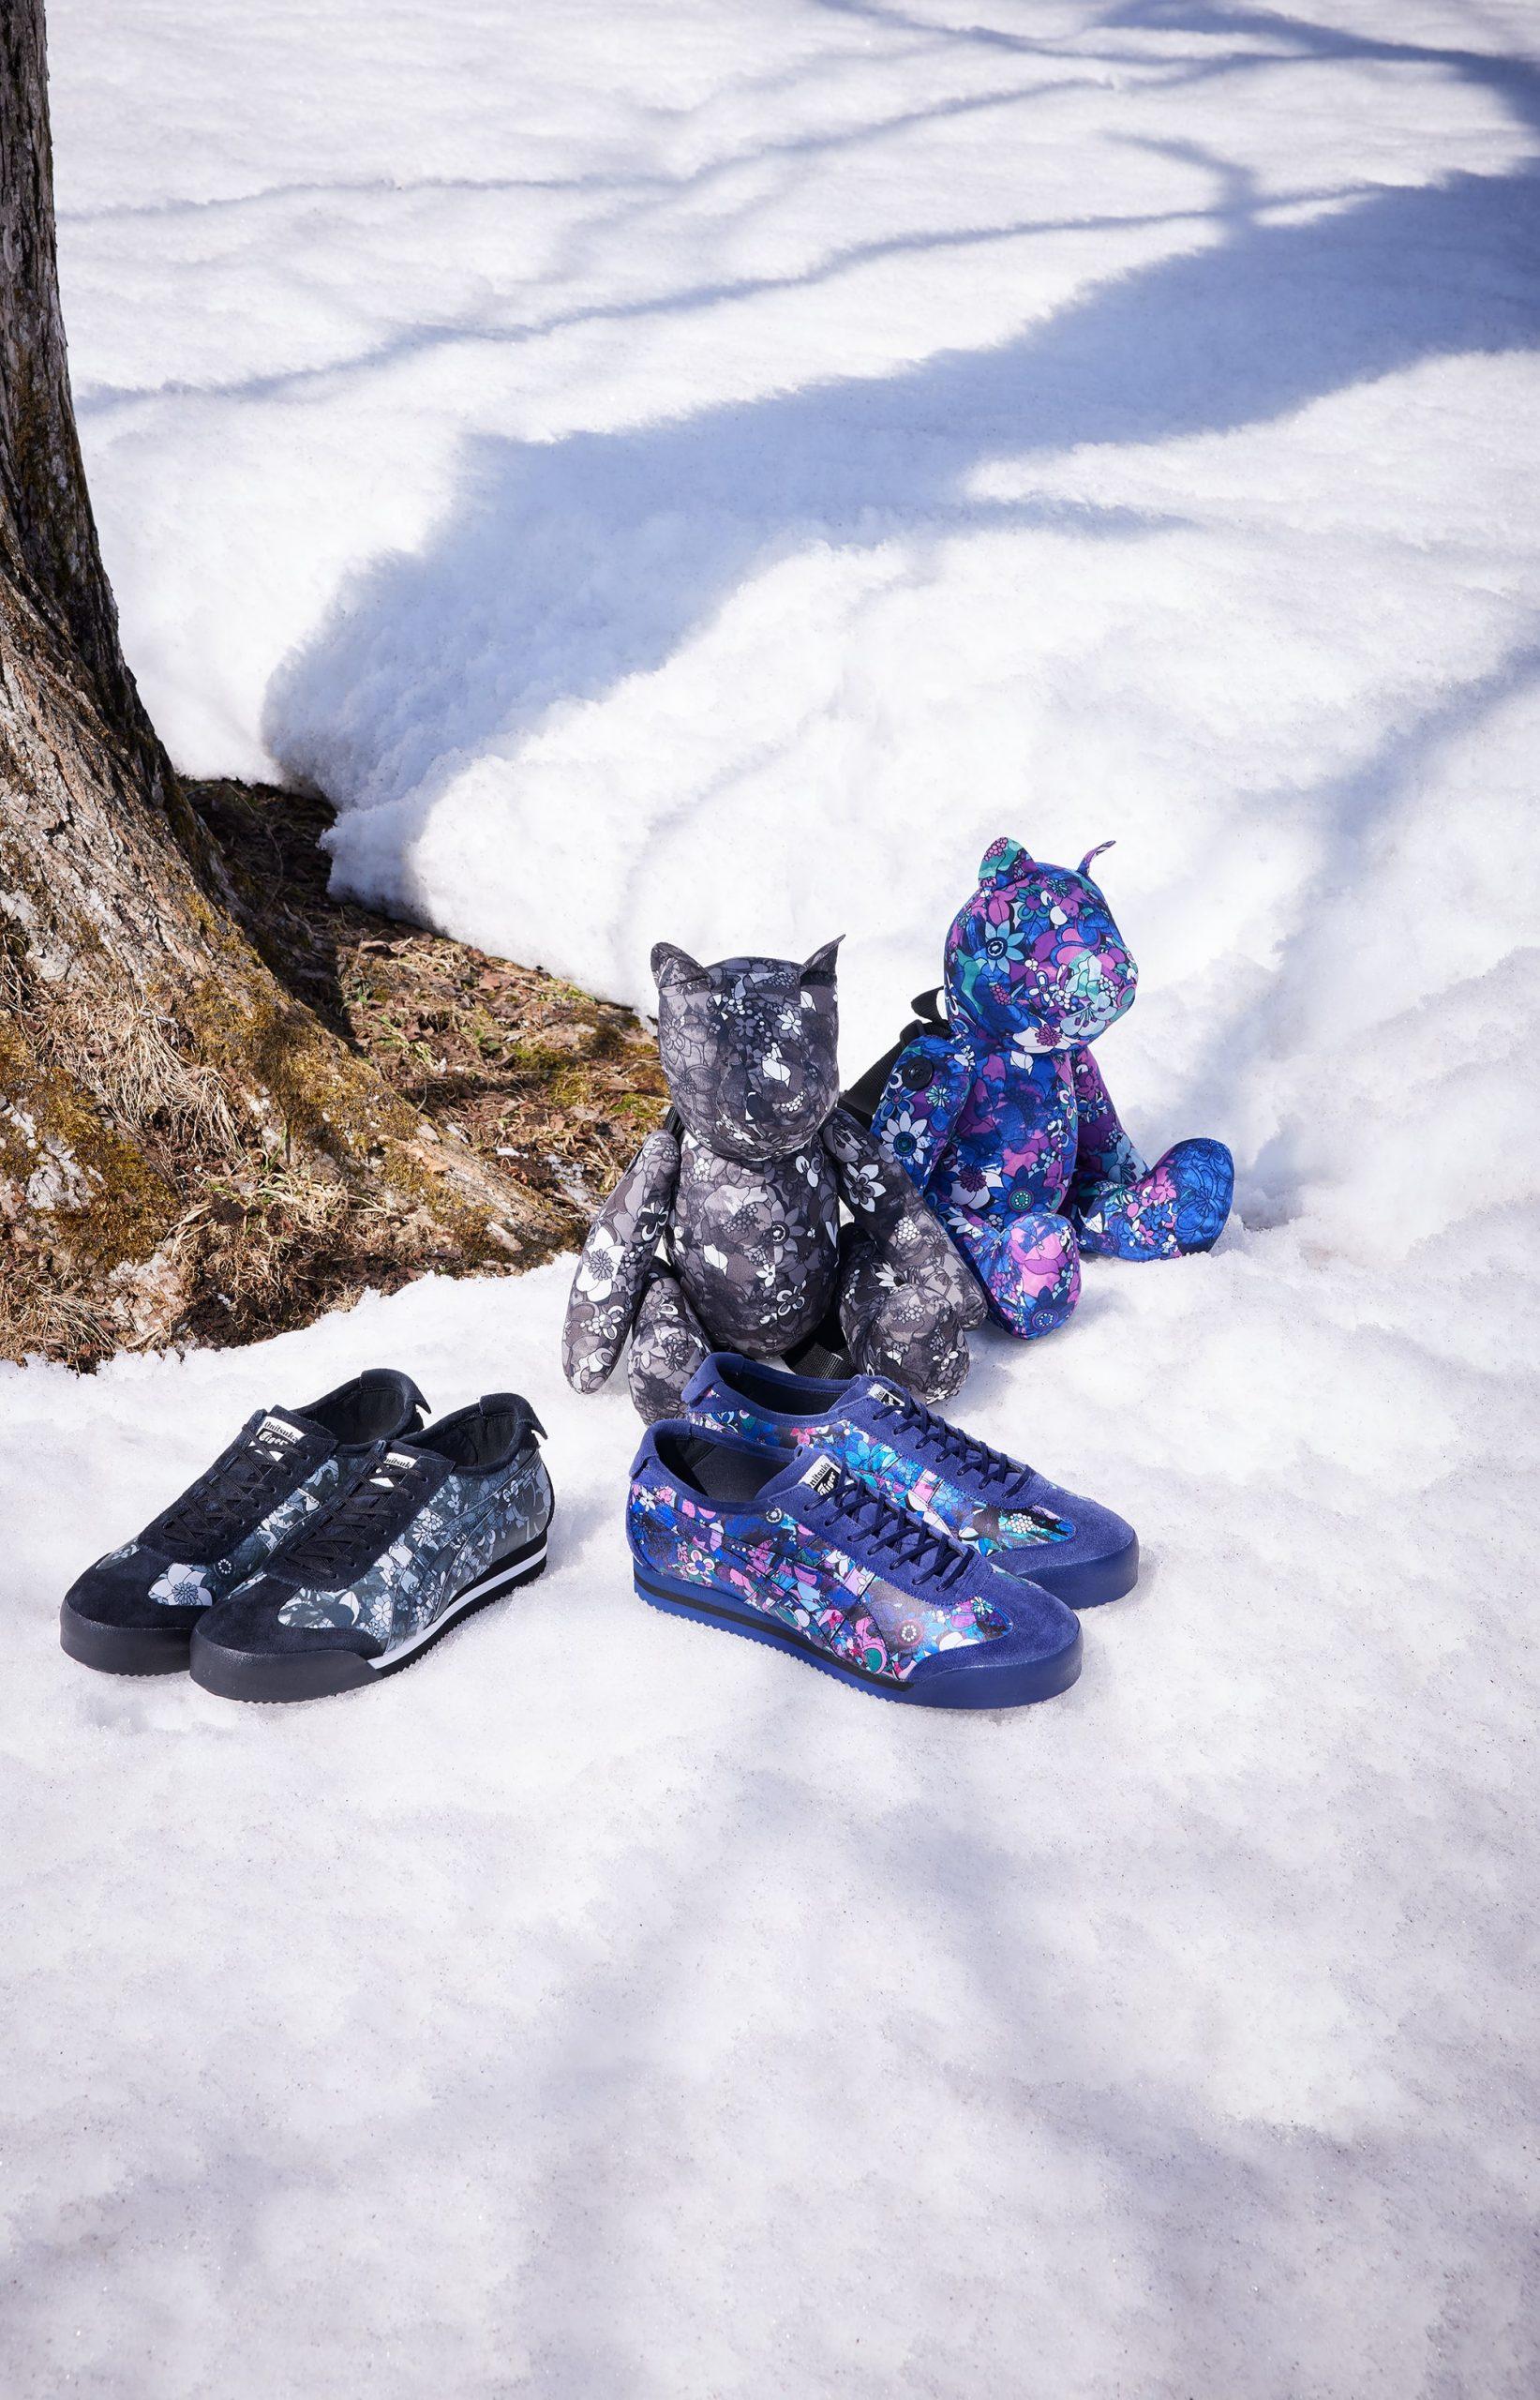 gấu bông và giày ot aw21